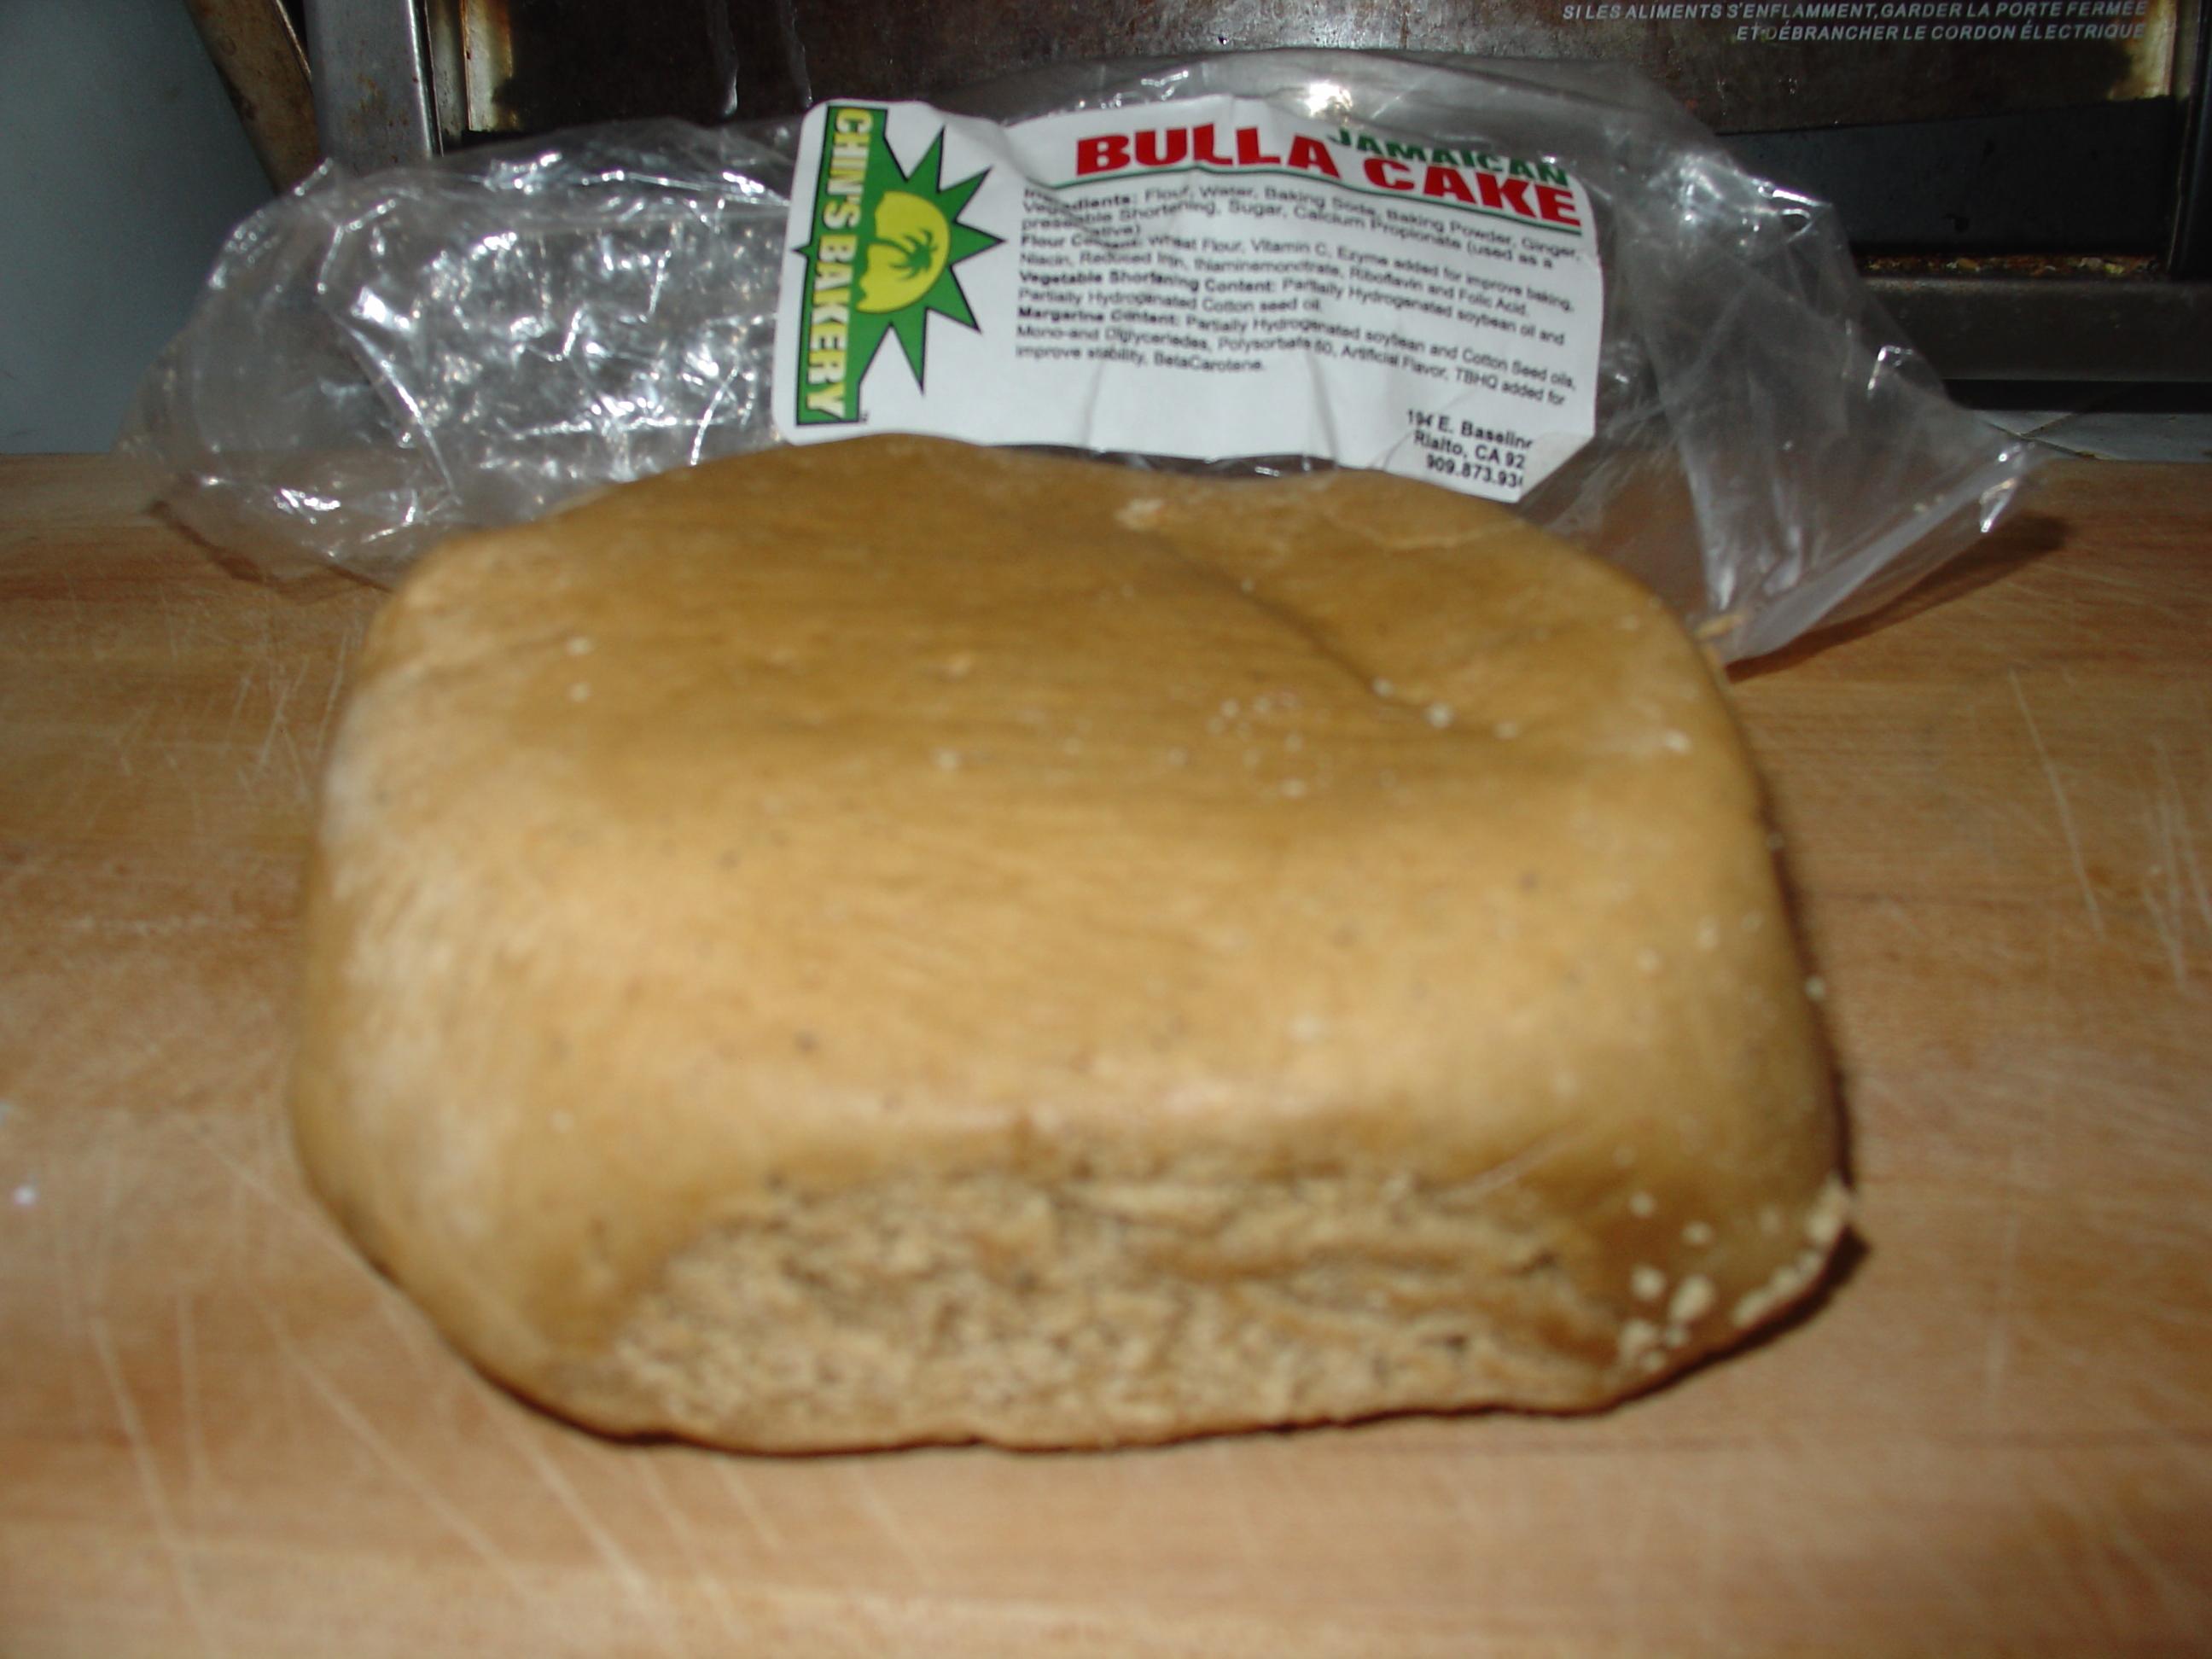 Bulla cake - Wikiwand